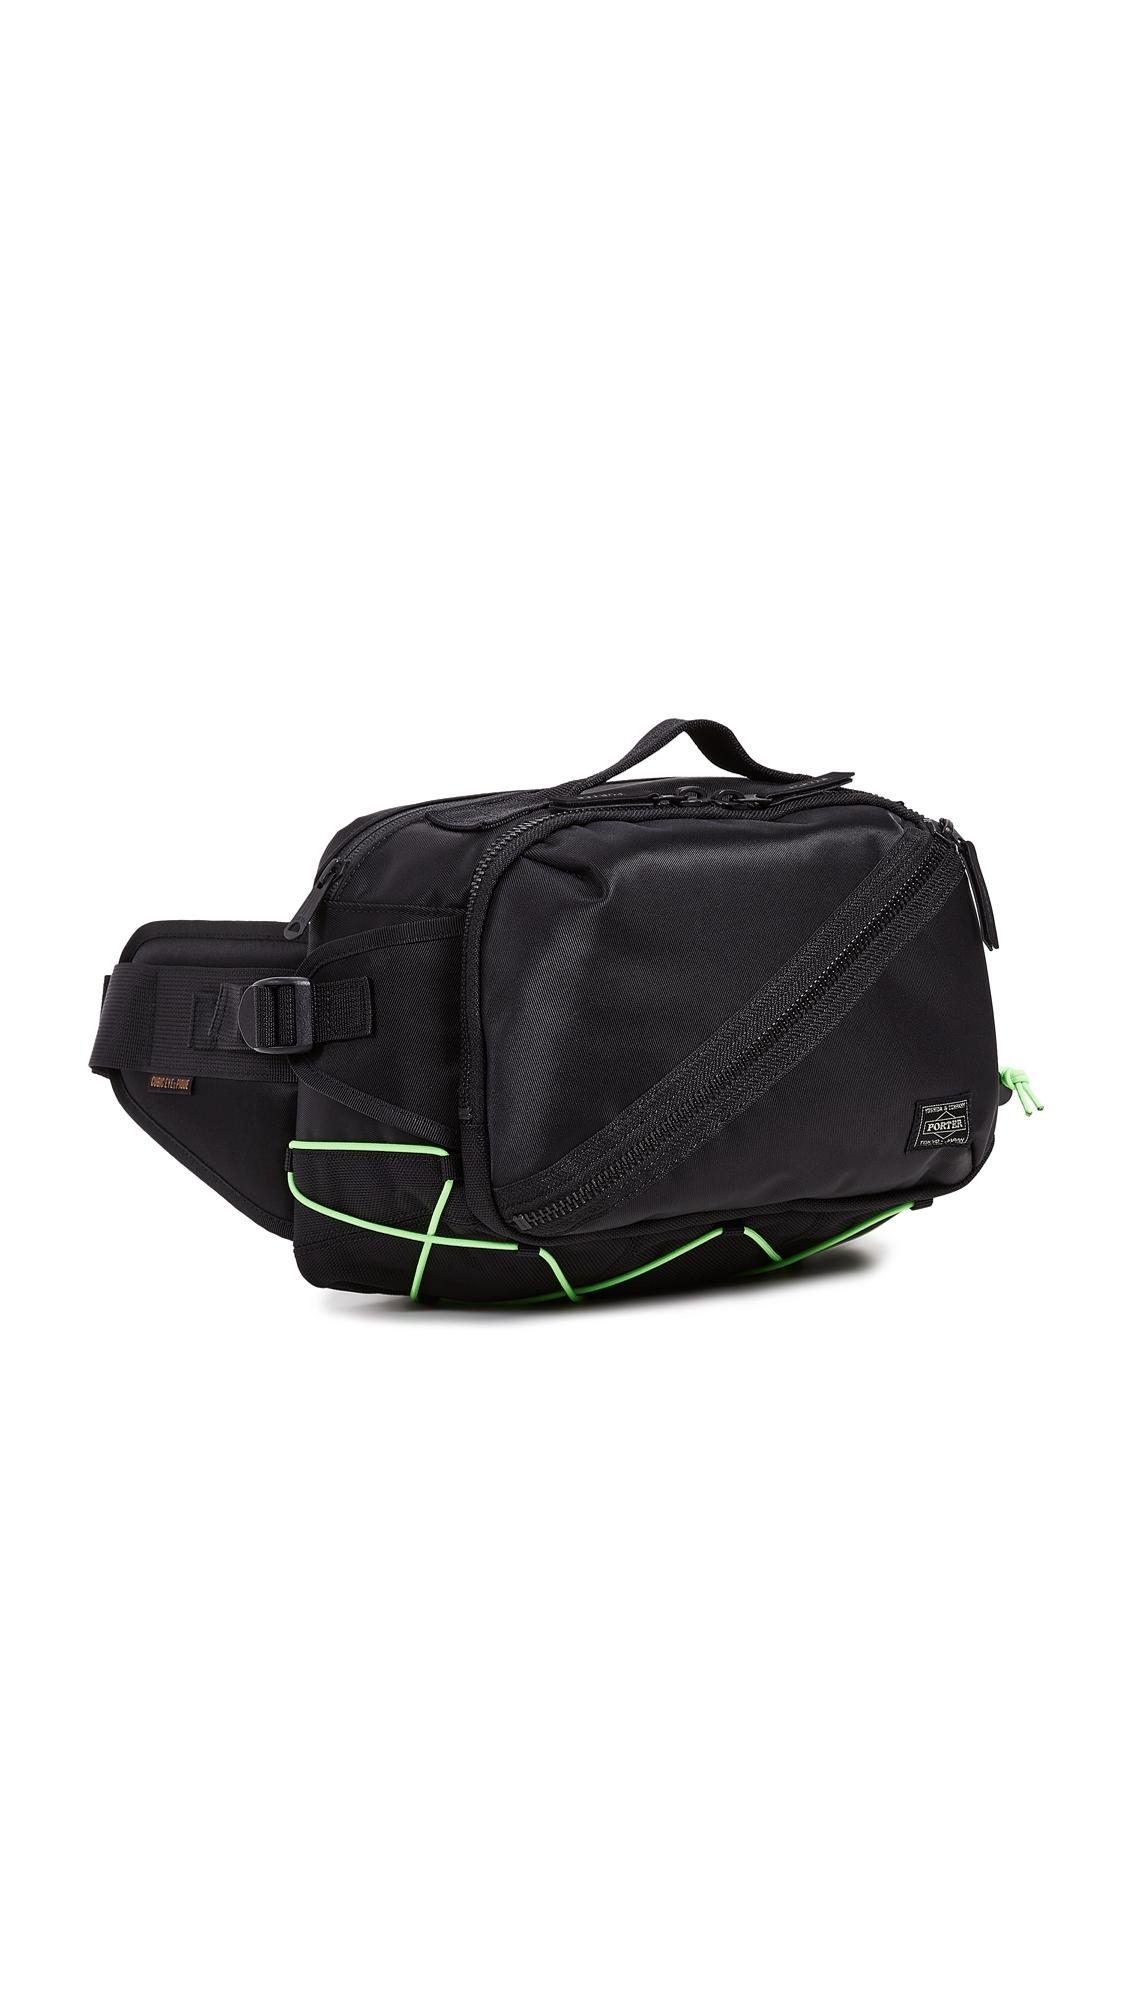 PORTER Things Waistpack in Black